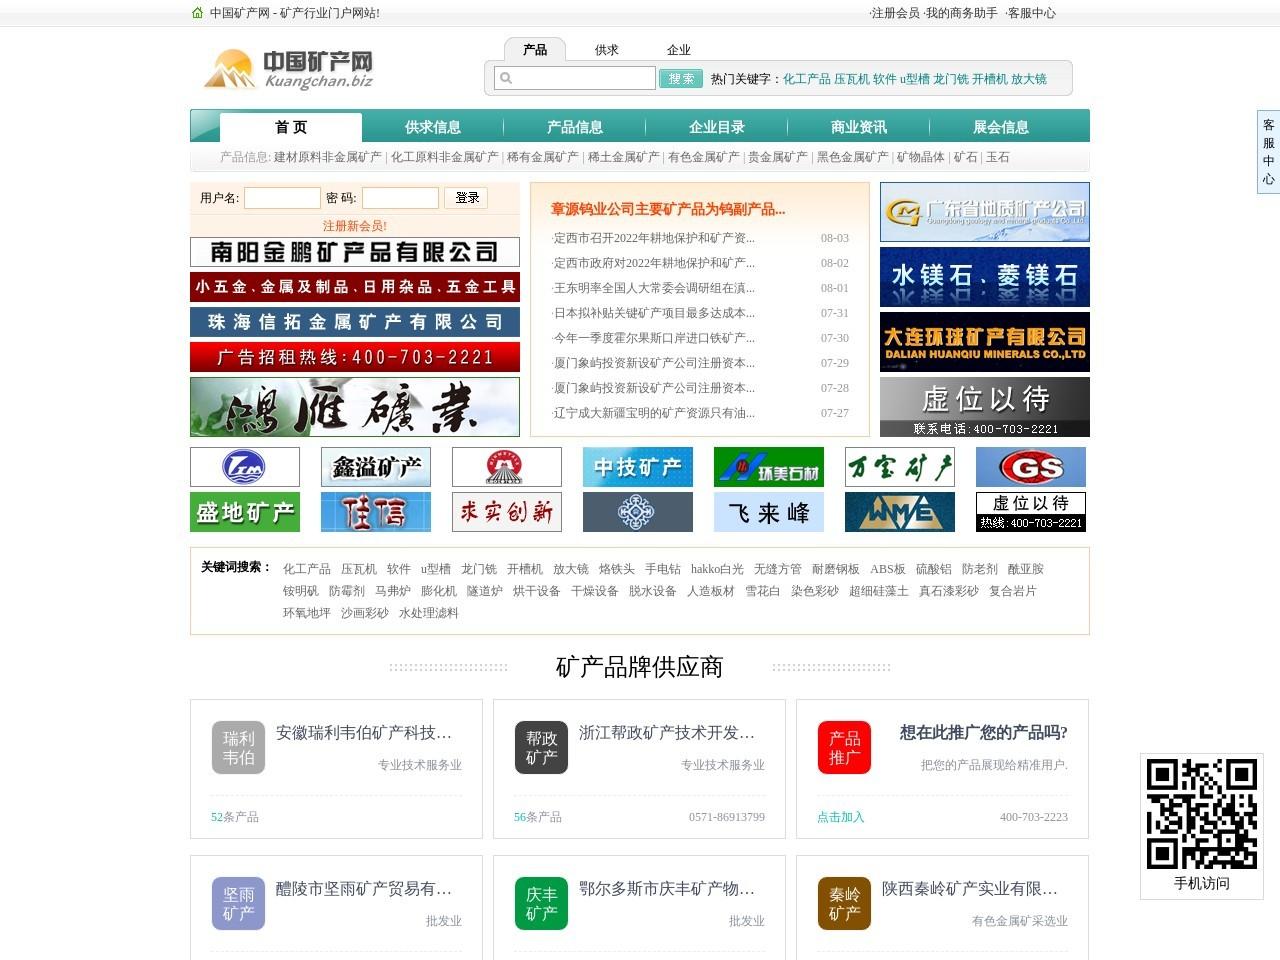 中国矿产网